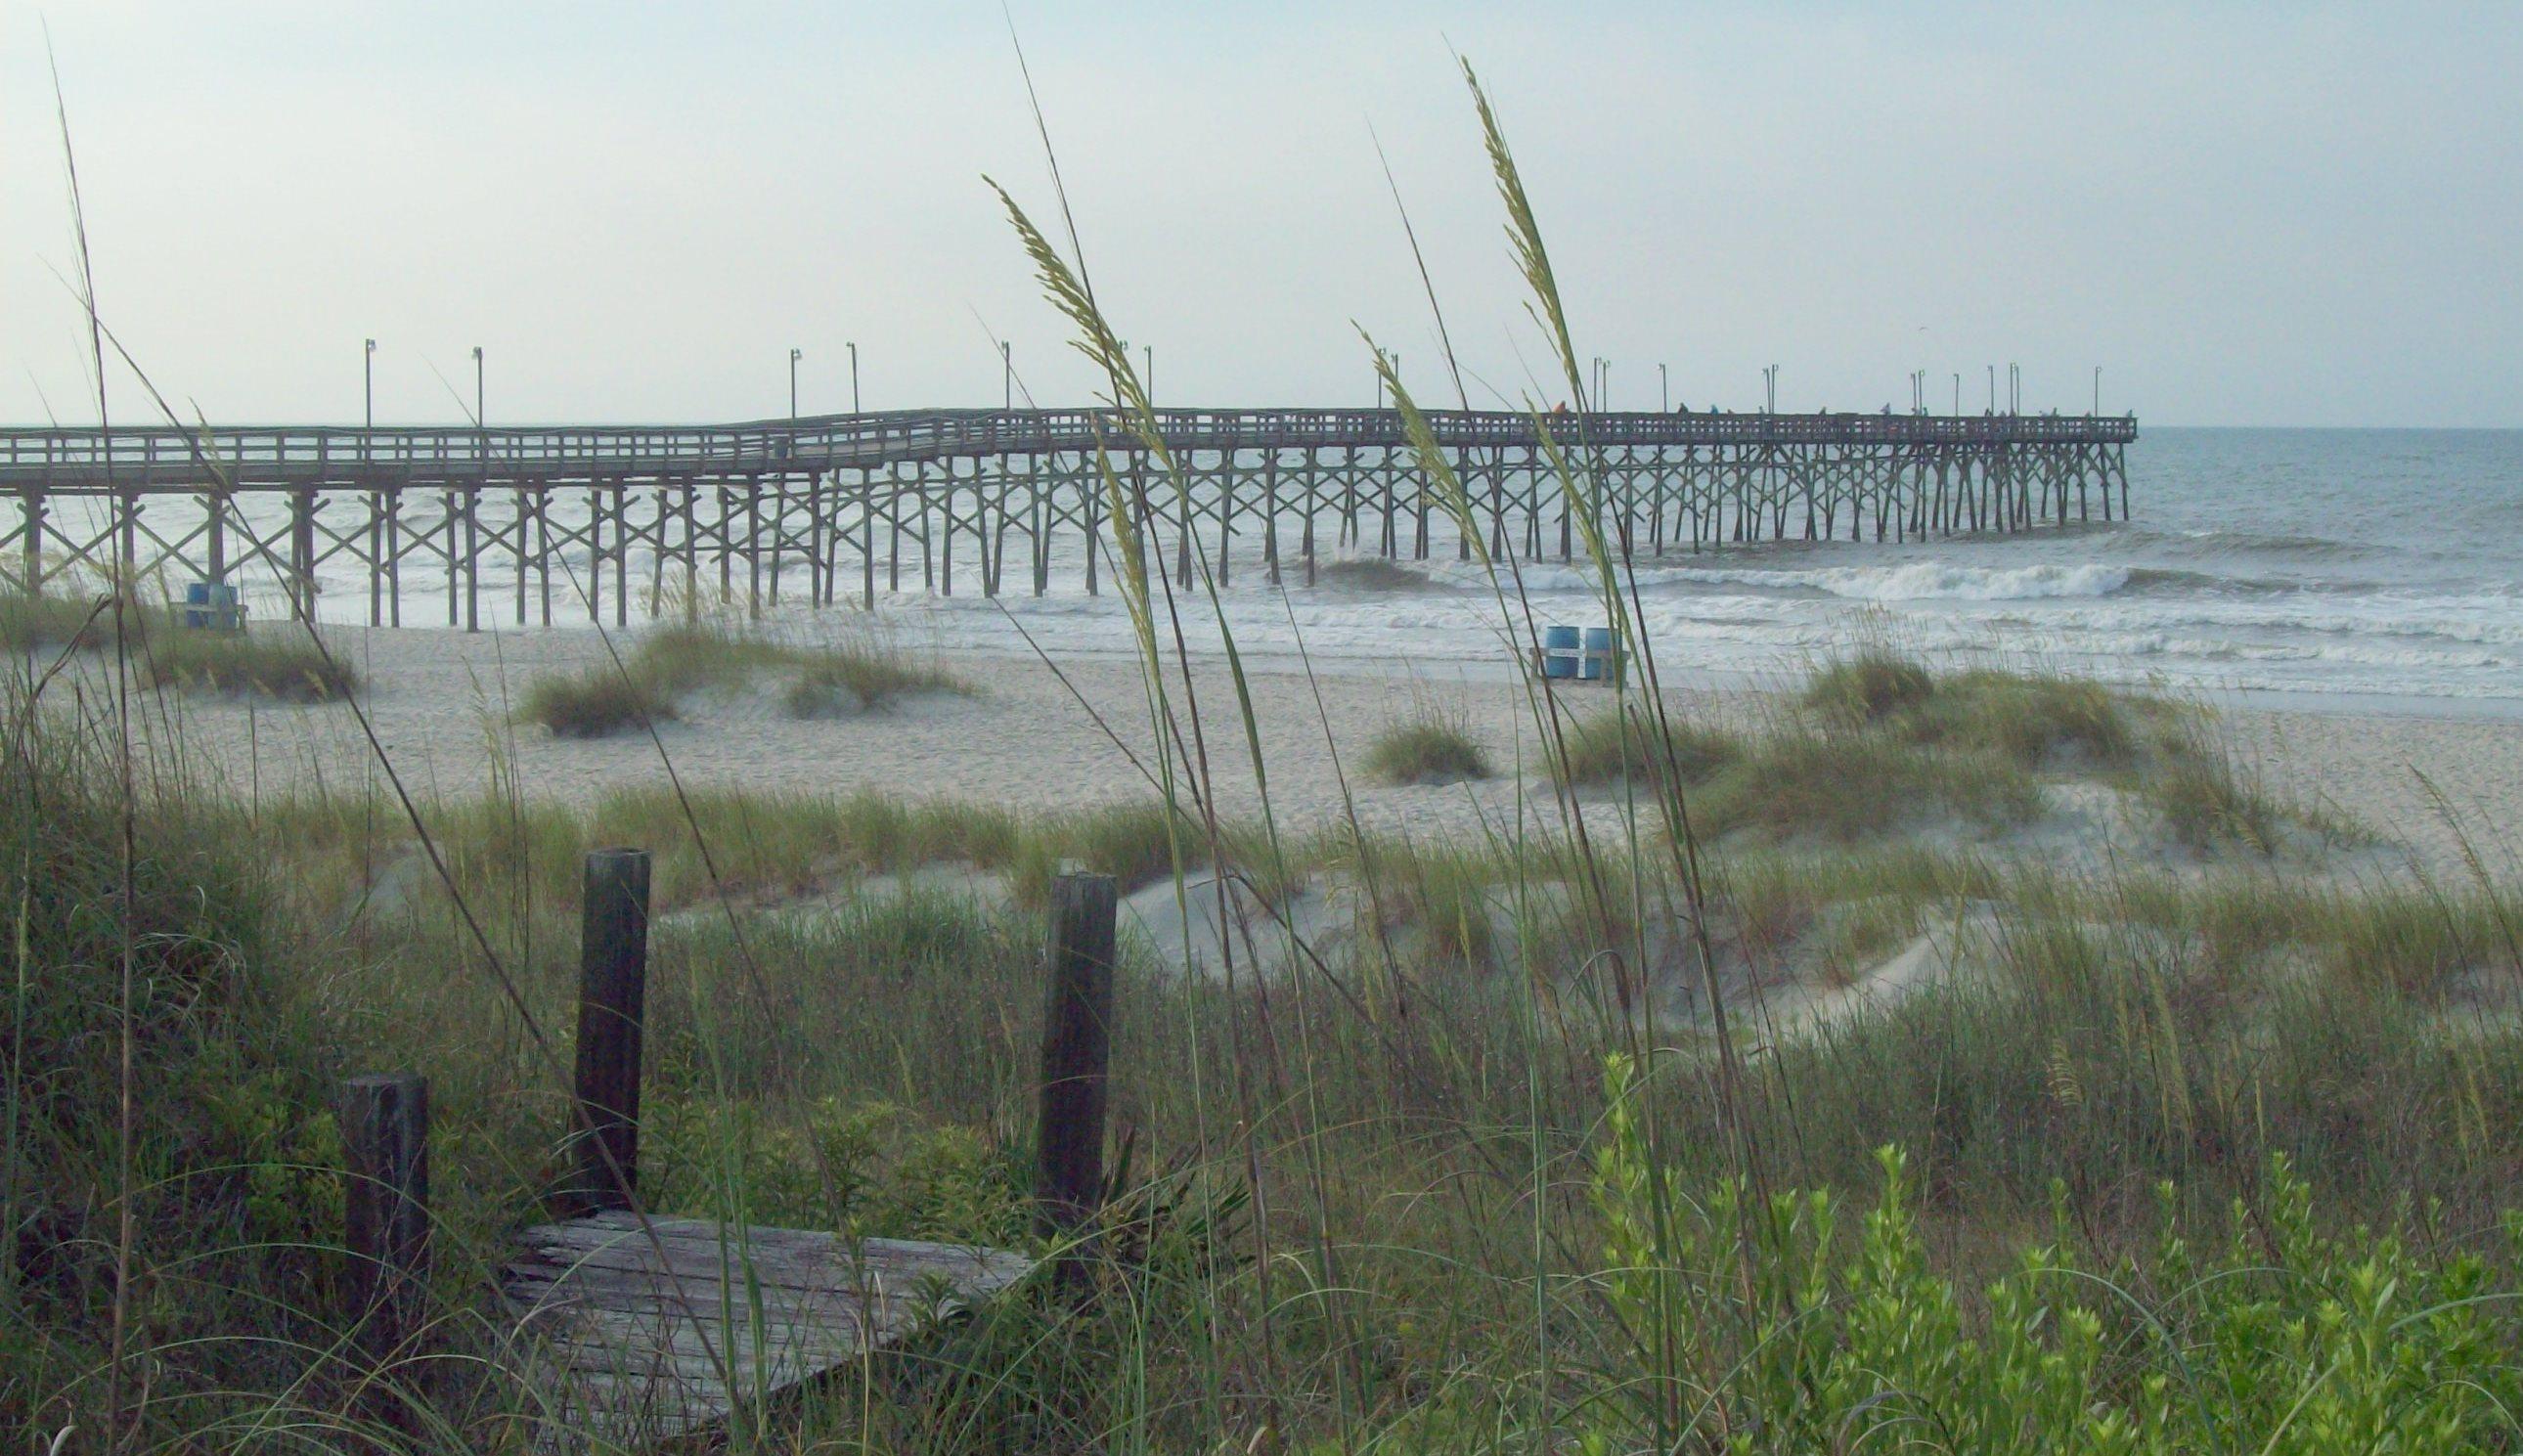 Ocean_Isle_Beach_NC_Fishing_ ...ocean isle beach town